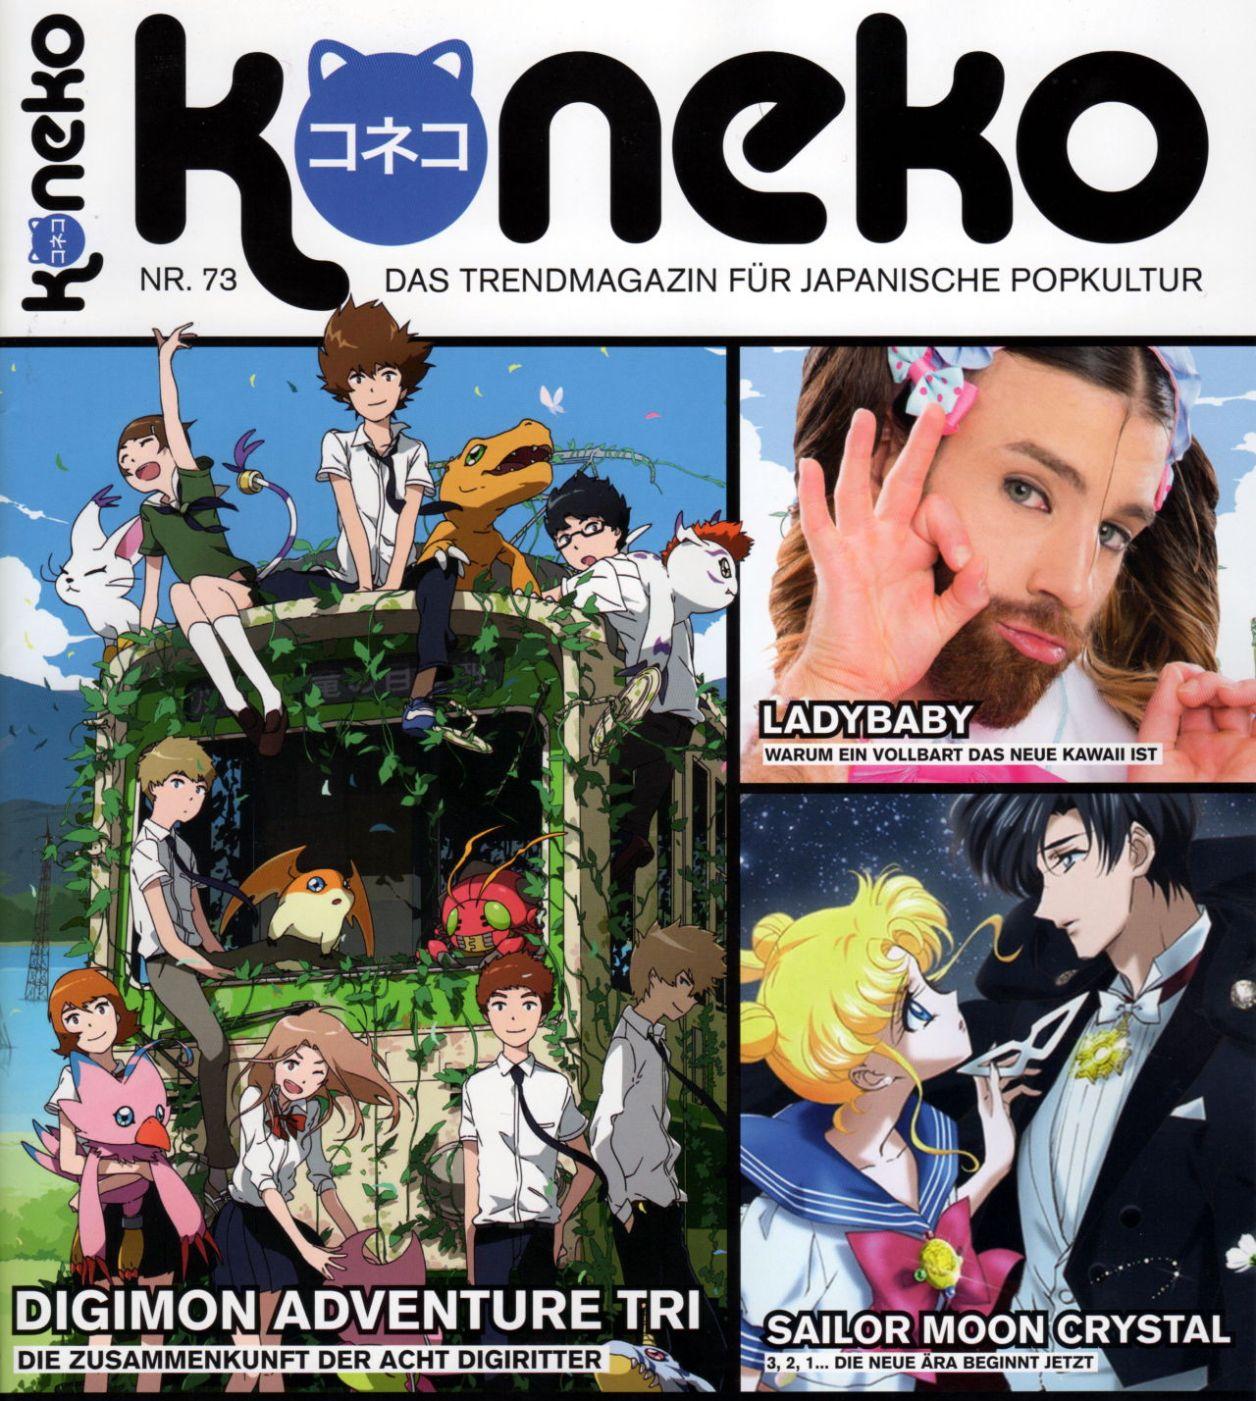 KONEKO(通算73号)の表紙。2004年創刊。 発行部数45,000部。読者層は14~20歳と、 この種の雑誌としては少々高め